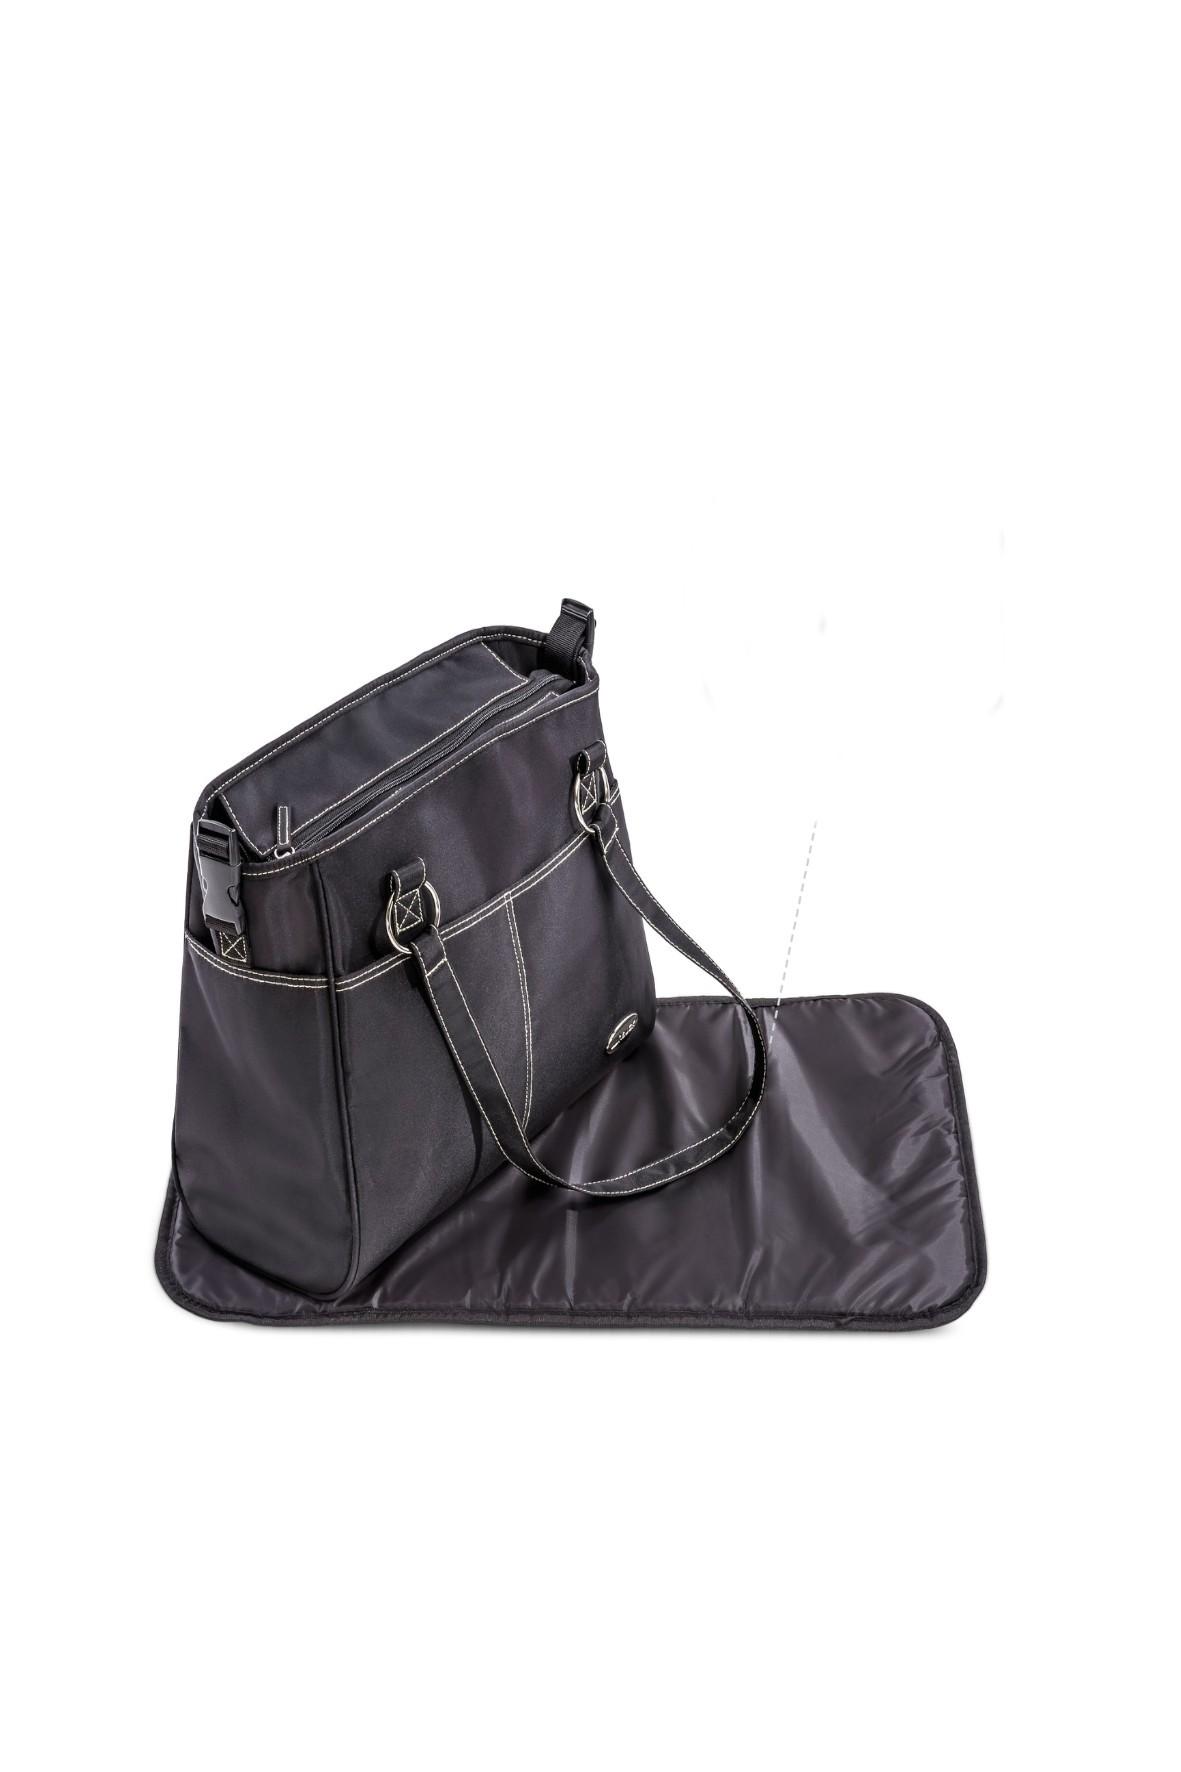 Torba pielęgnacyjna City Bag -czarna